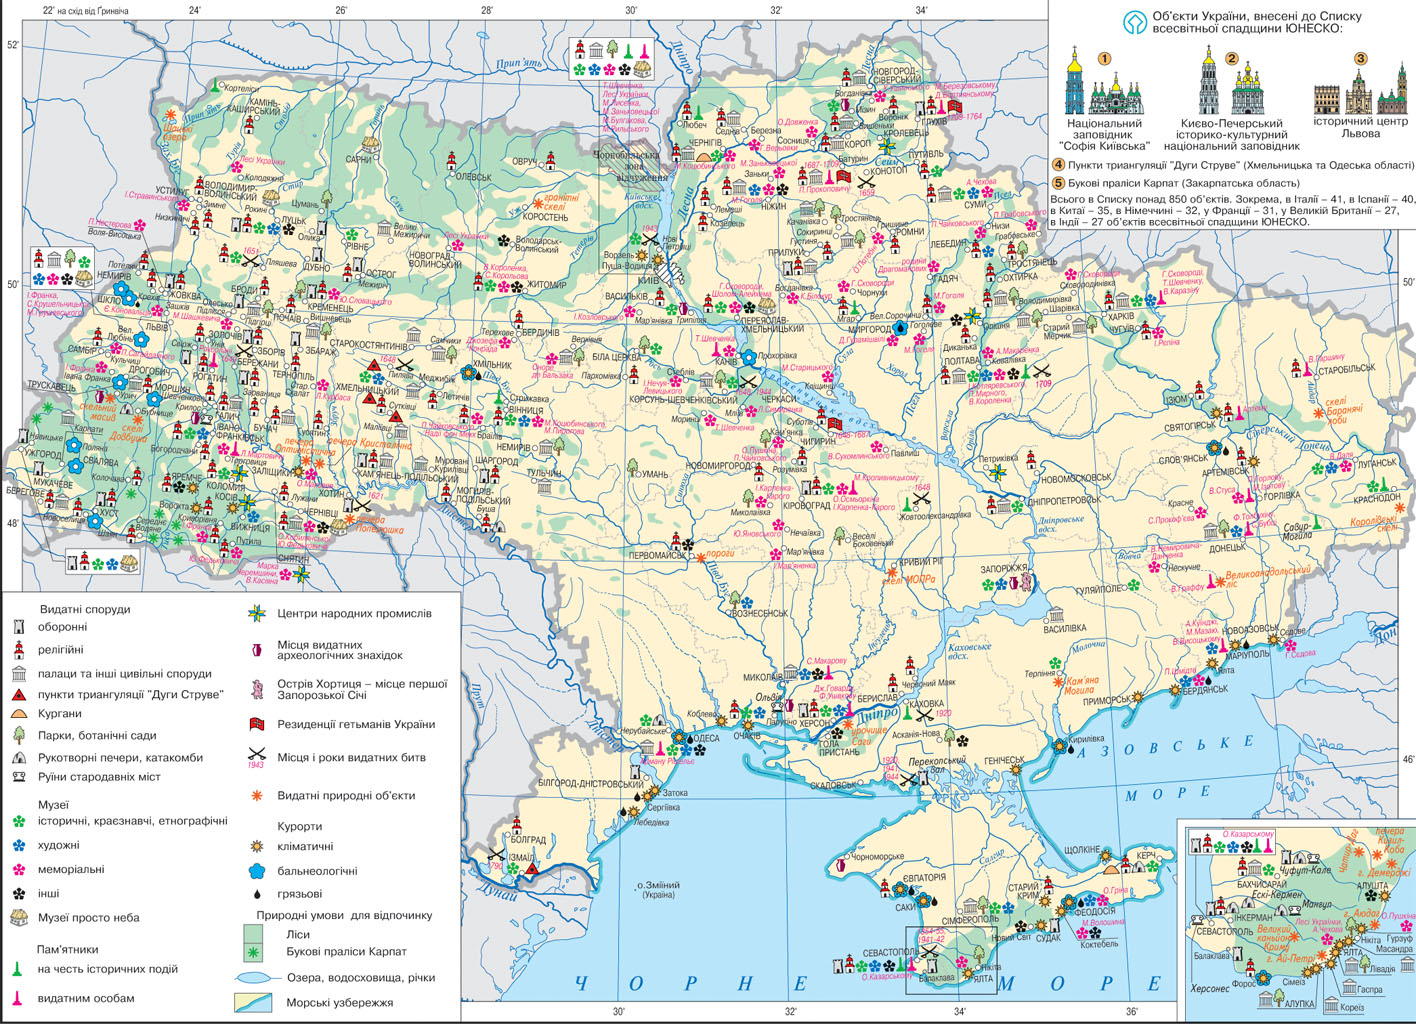 Карта рекреационных ресурсов Украины